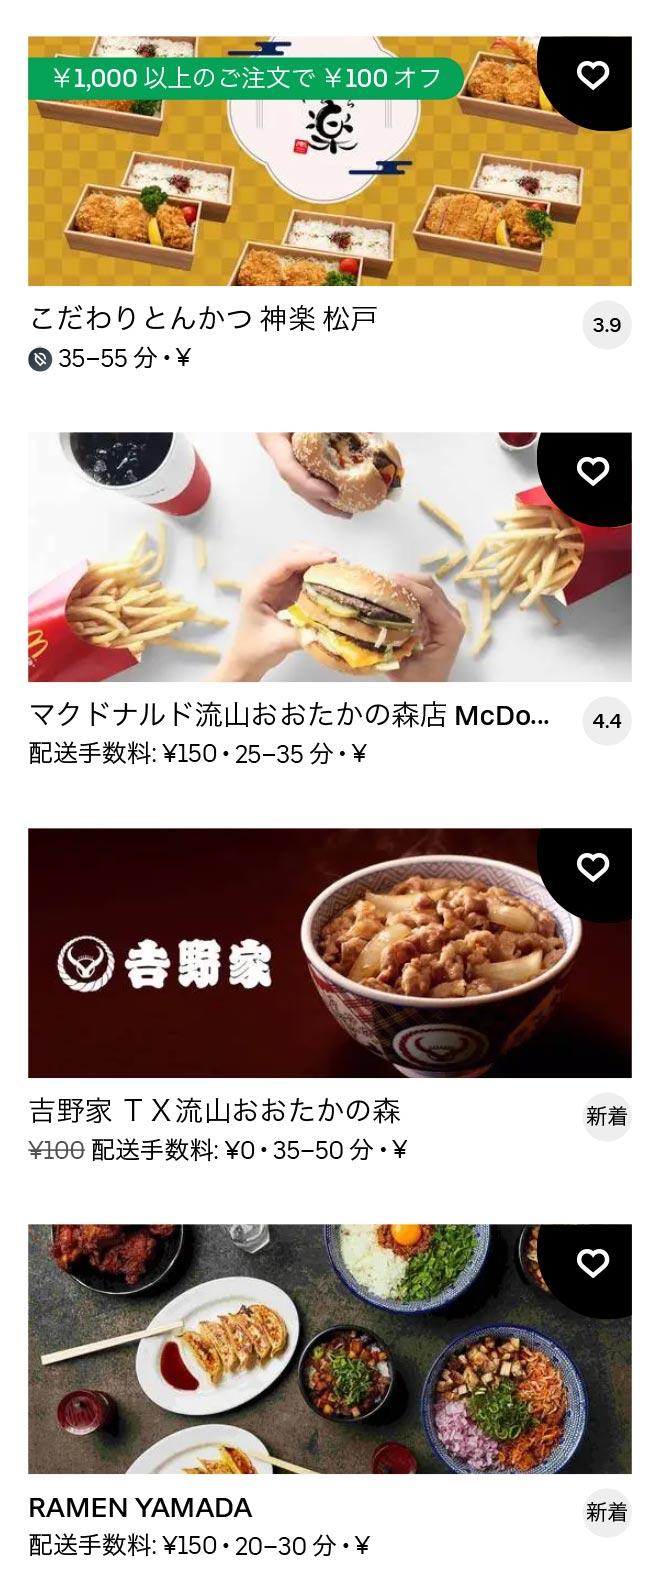 Nagareyama ootaka menu 2011 08